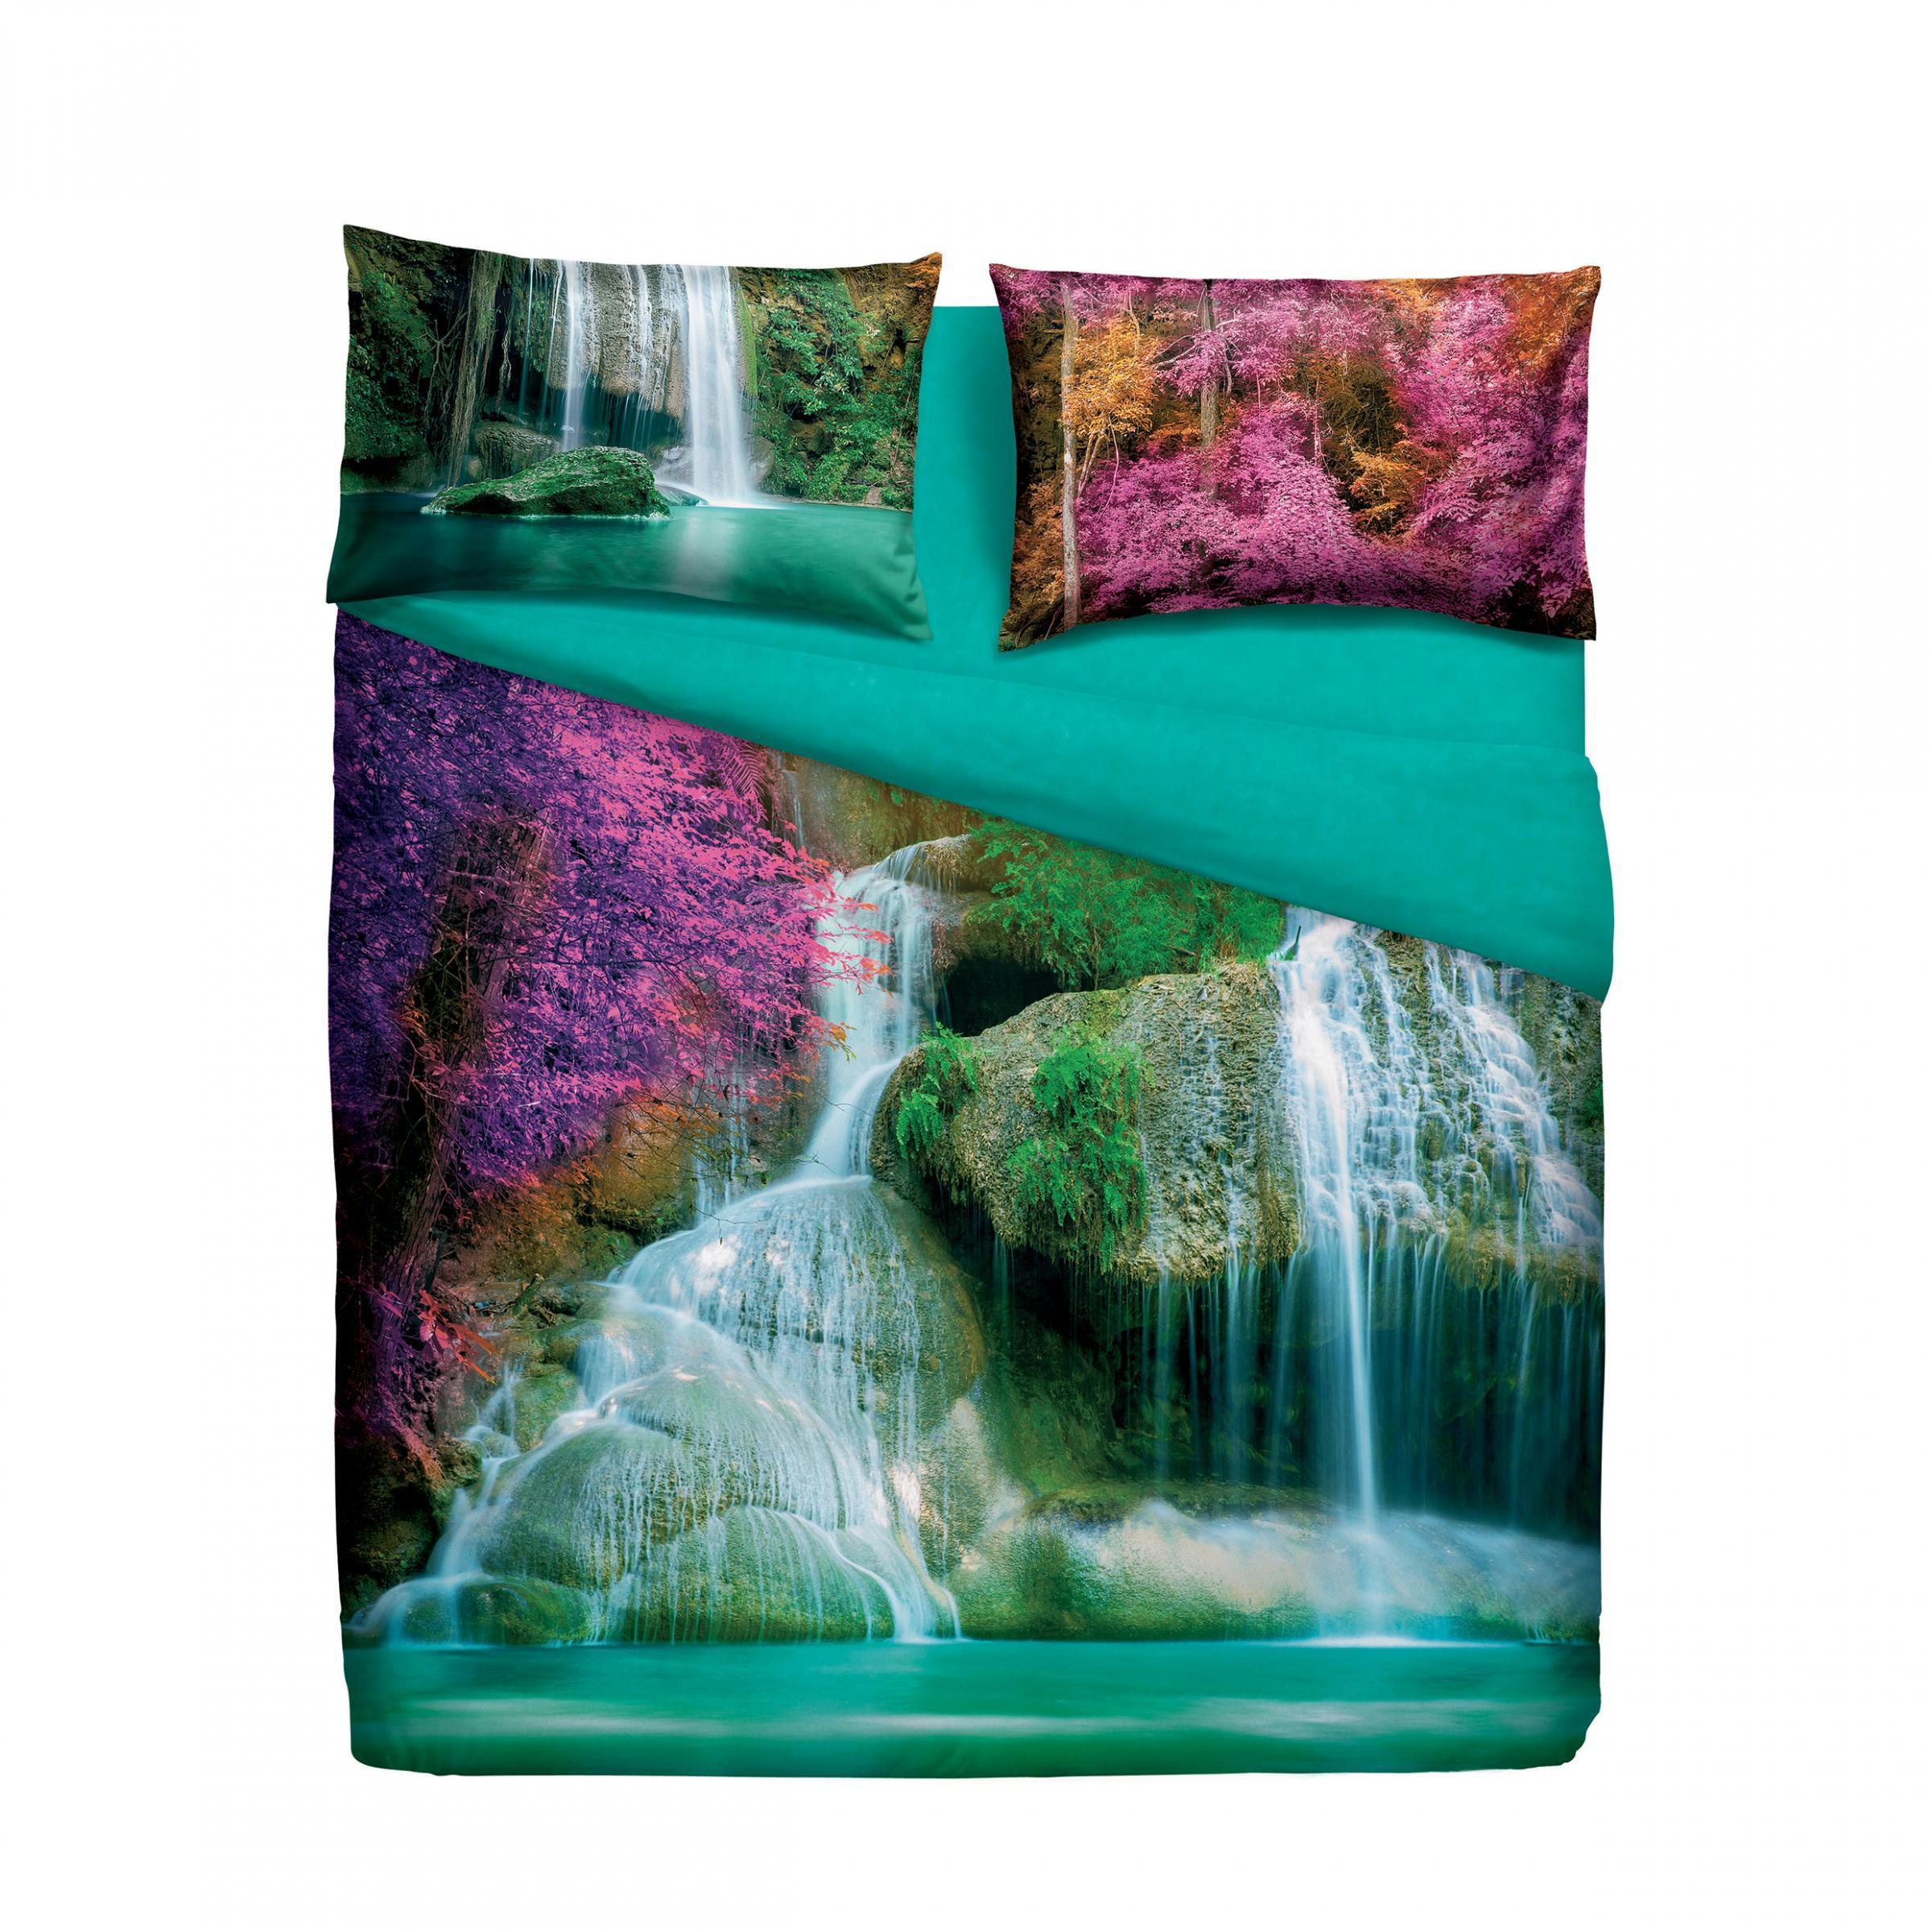 Set copripiumino letto singolo 1 piazza bassetti water falls stampa digitale - Piumini letto singolo bassetti ...